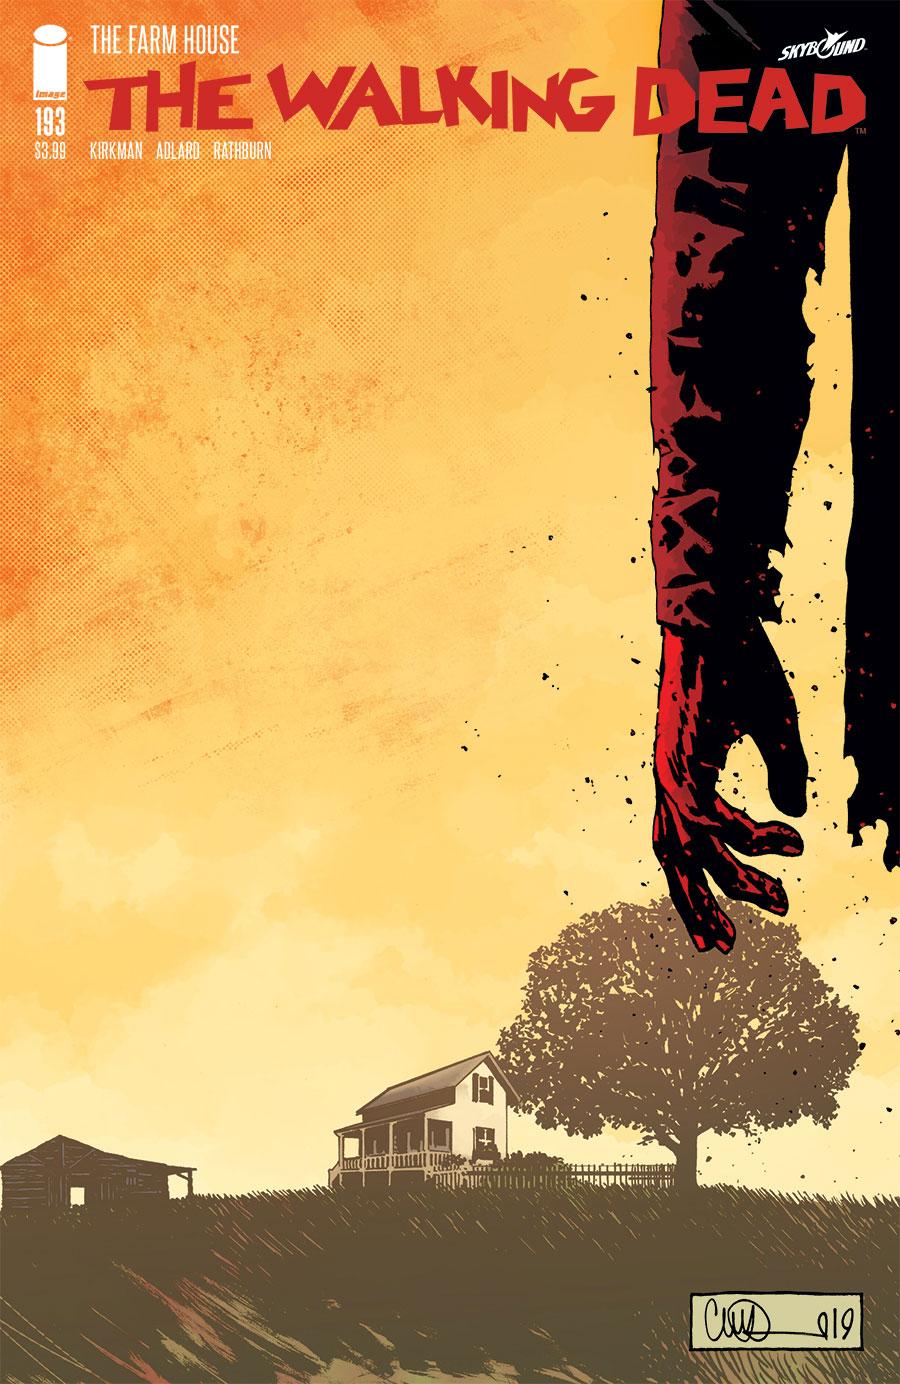 Capa da última edição de The Walking Dead, a #193. Roteiro de Robert Kirkman, arte de Charlie Adlard.